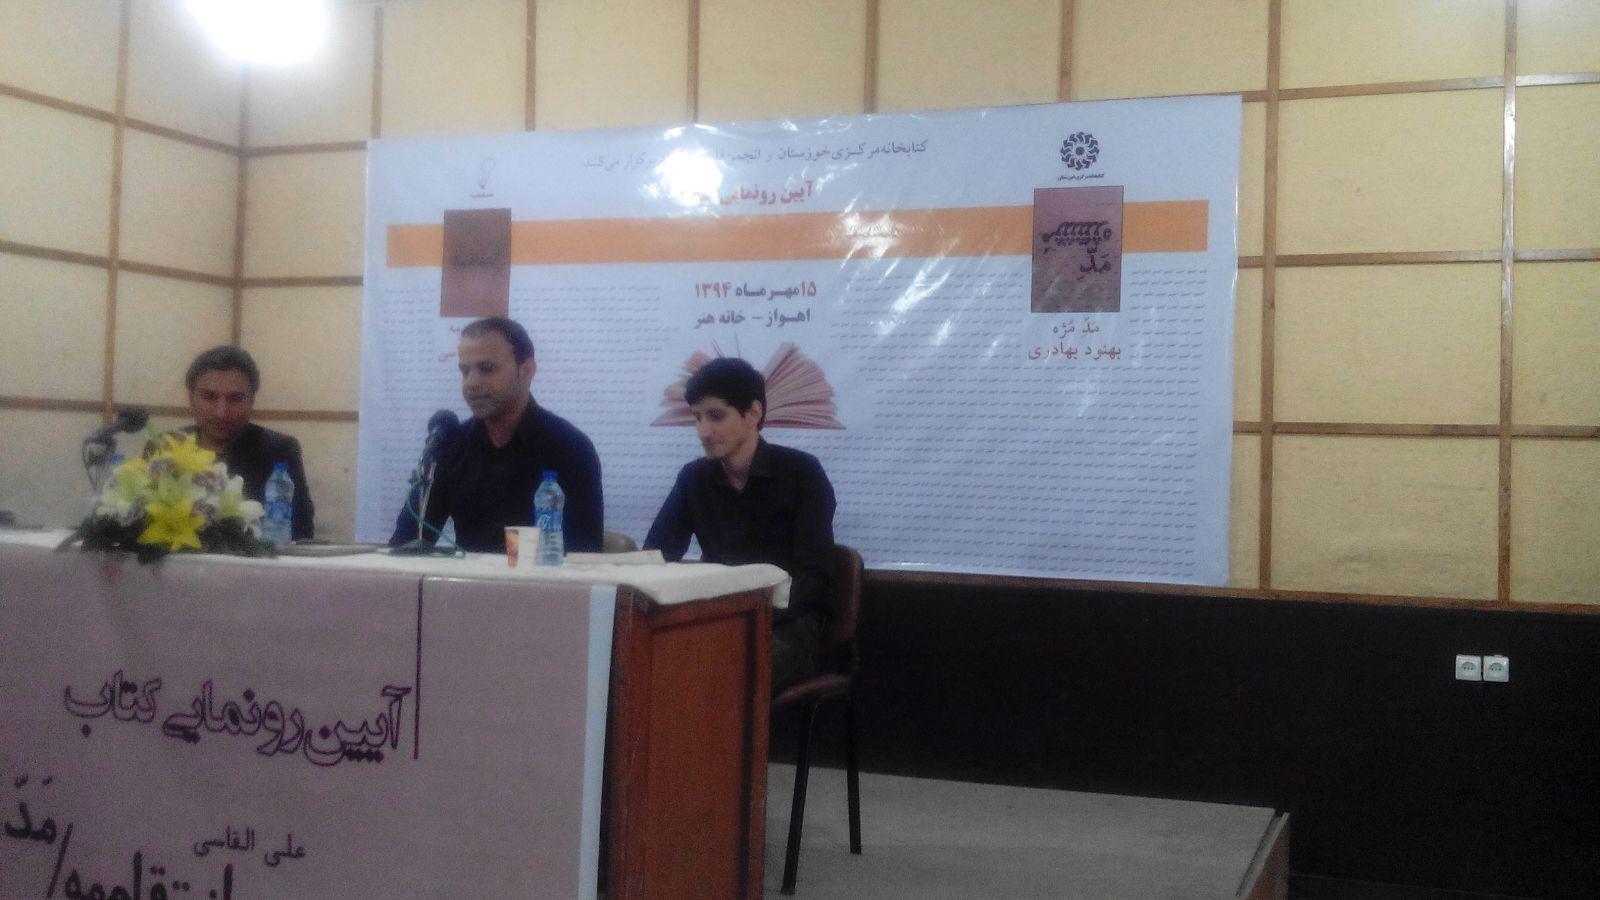 رونمایی از دو مجموعه شعر شاعران مسجدسلیمانی به همتِ کتابخانه مرکزی خوزستان و انجمن قلم شهرزاد + تصاویر